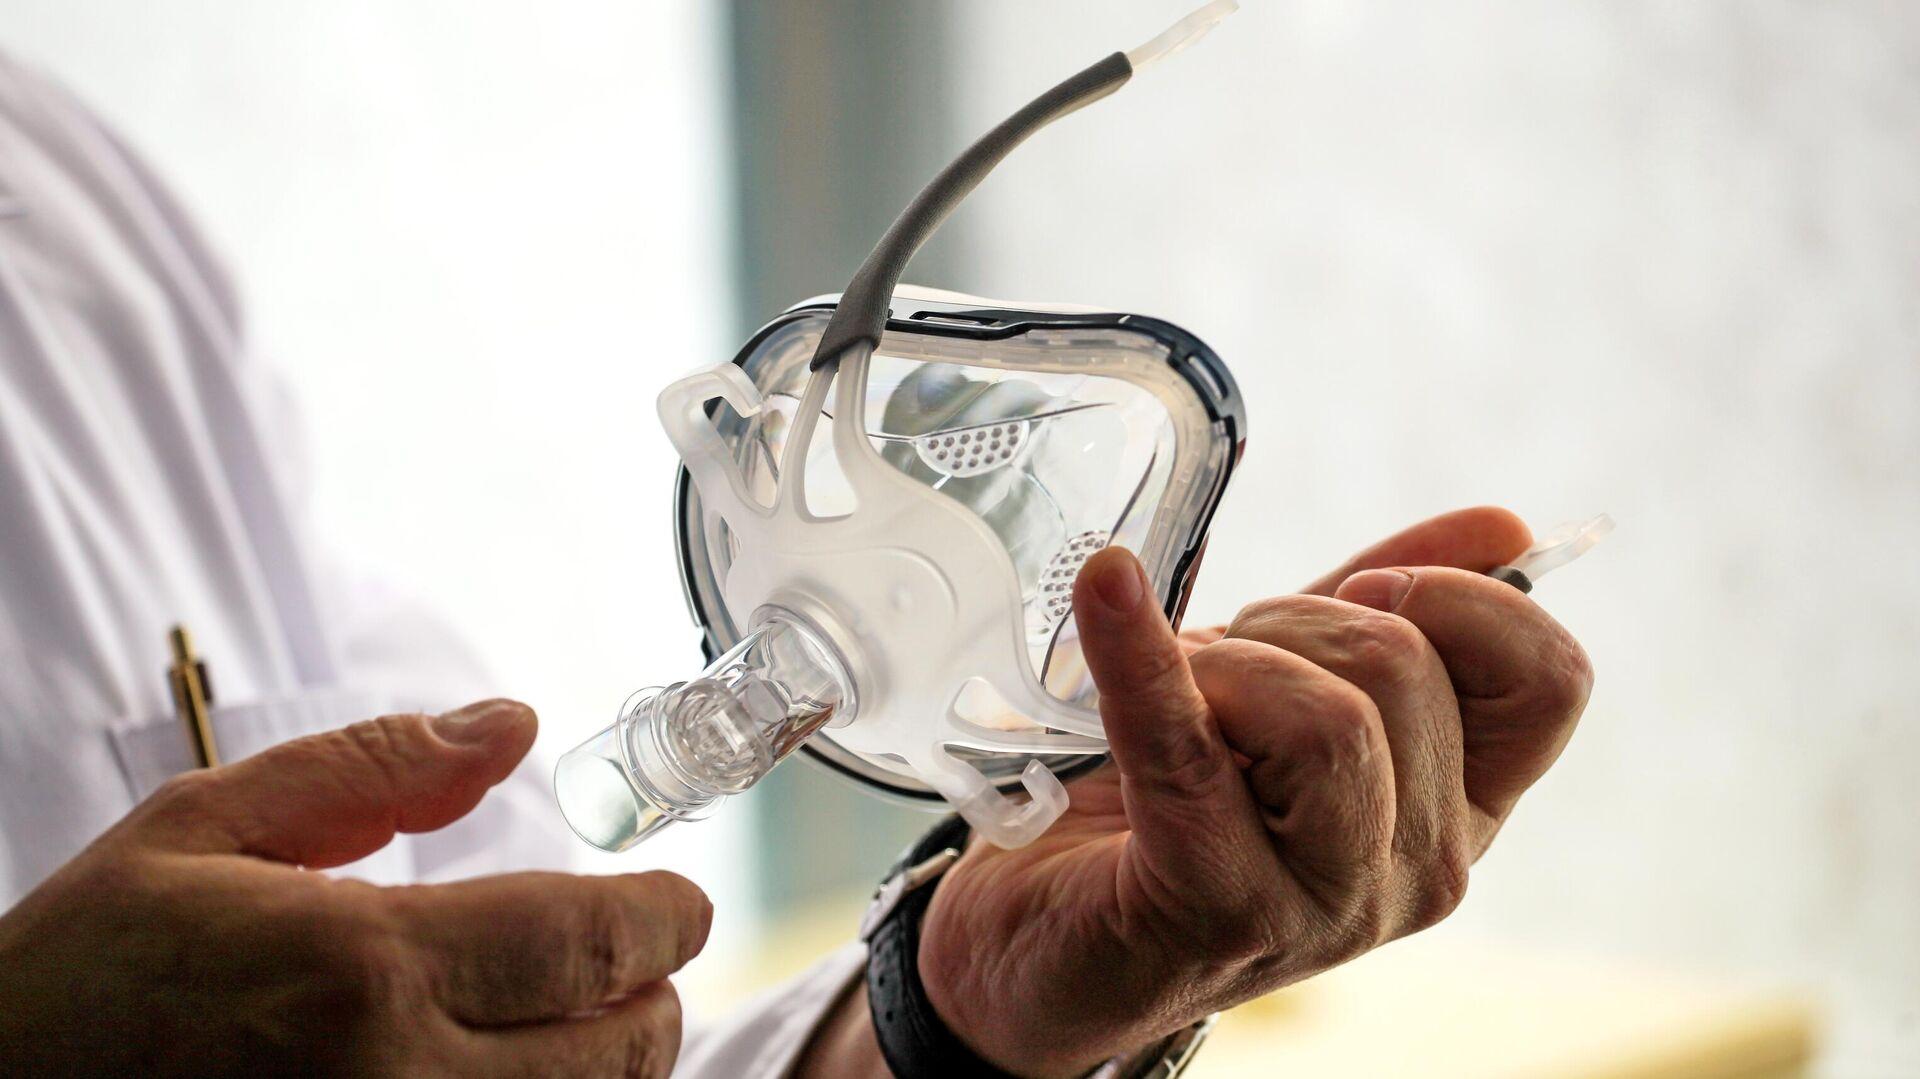 Врач держит в руках маску для искусственной вентиляции легких - РИА Новости, 1920, 17.10.2020